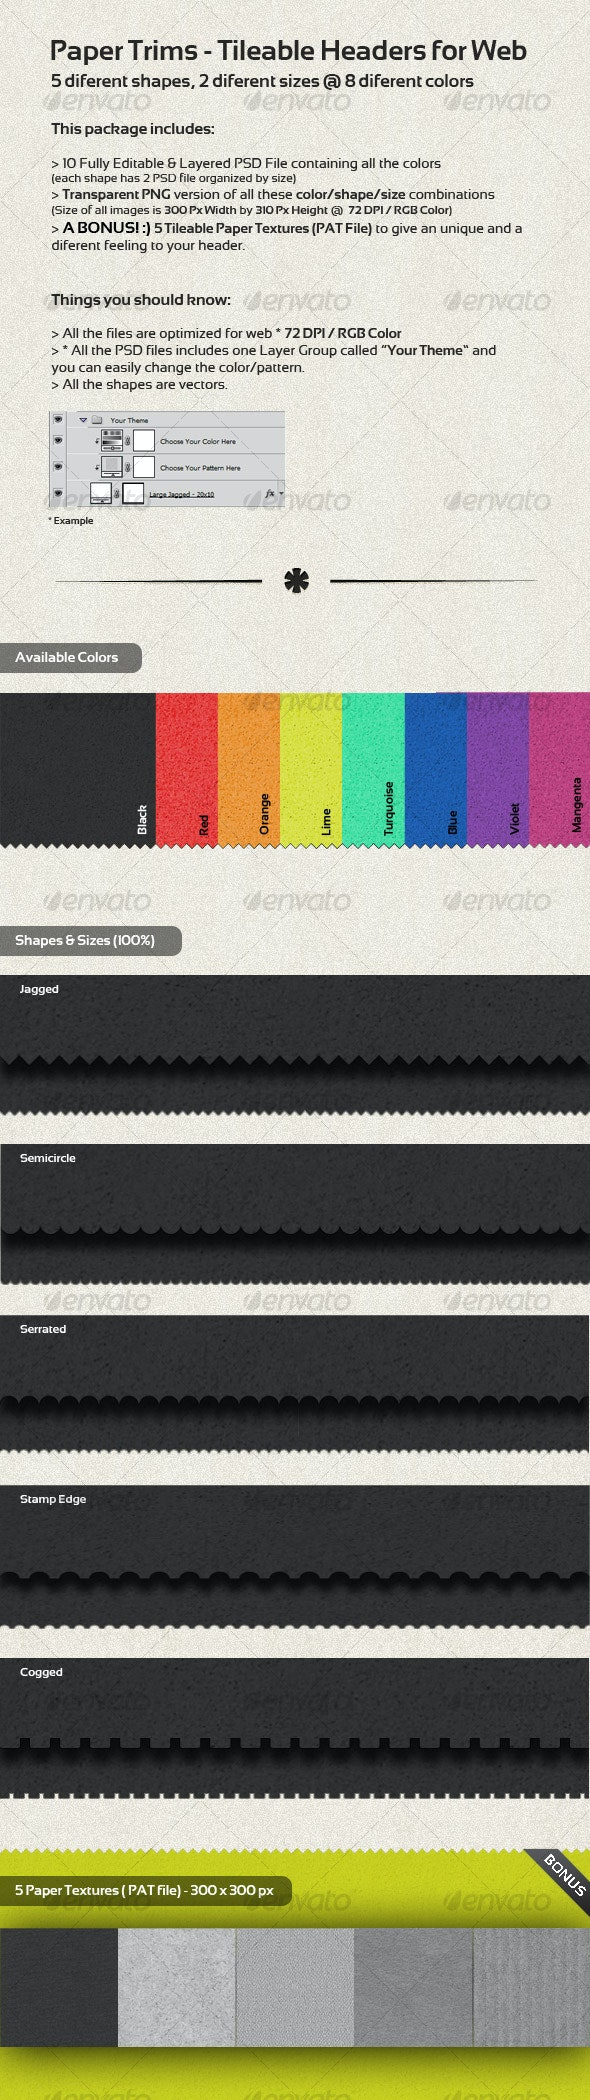 Paper Trims - Tileable Headers for Web - Miscellaneous Web Elements